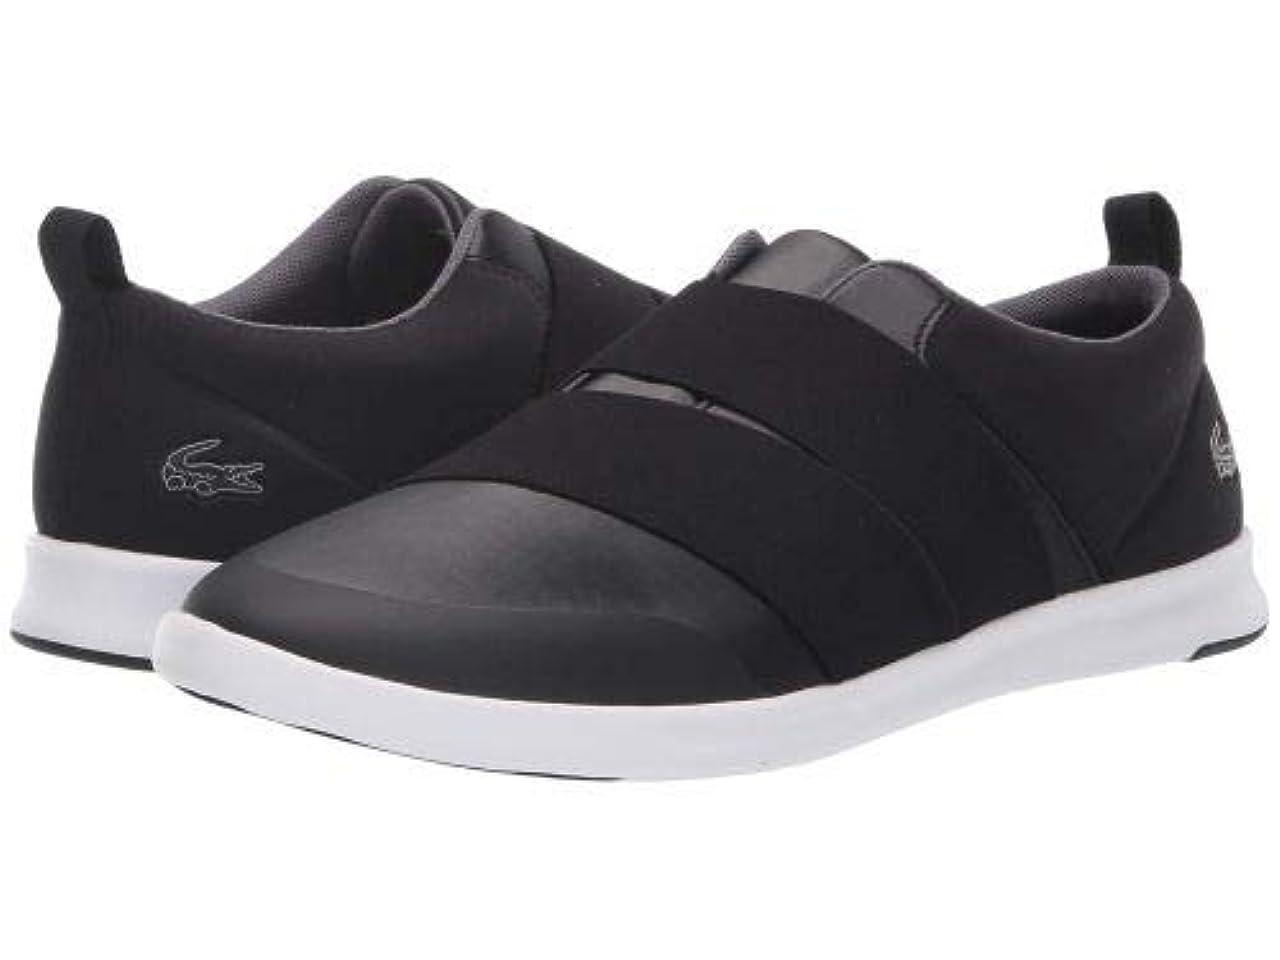 エミュレーションリテラシー間隔Lacoste(ラコステ) レディース 女性用 シューズ 靴 スニーカー 運動靴 Avenir Slip 418 1 - Black/White [並行輸入品]